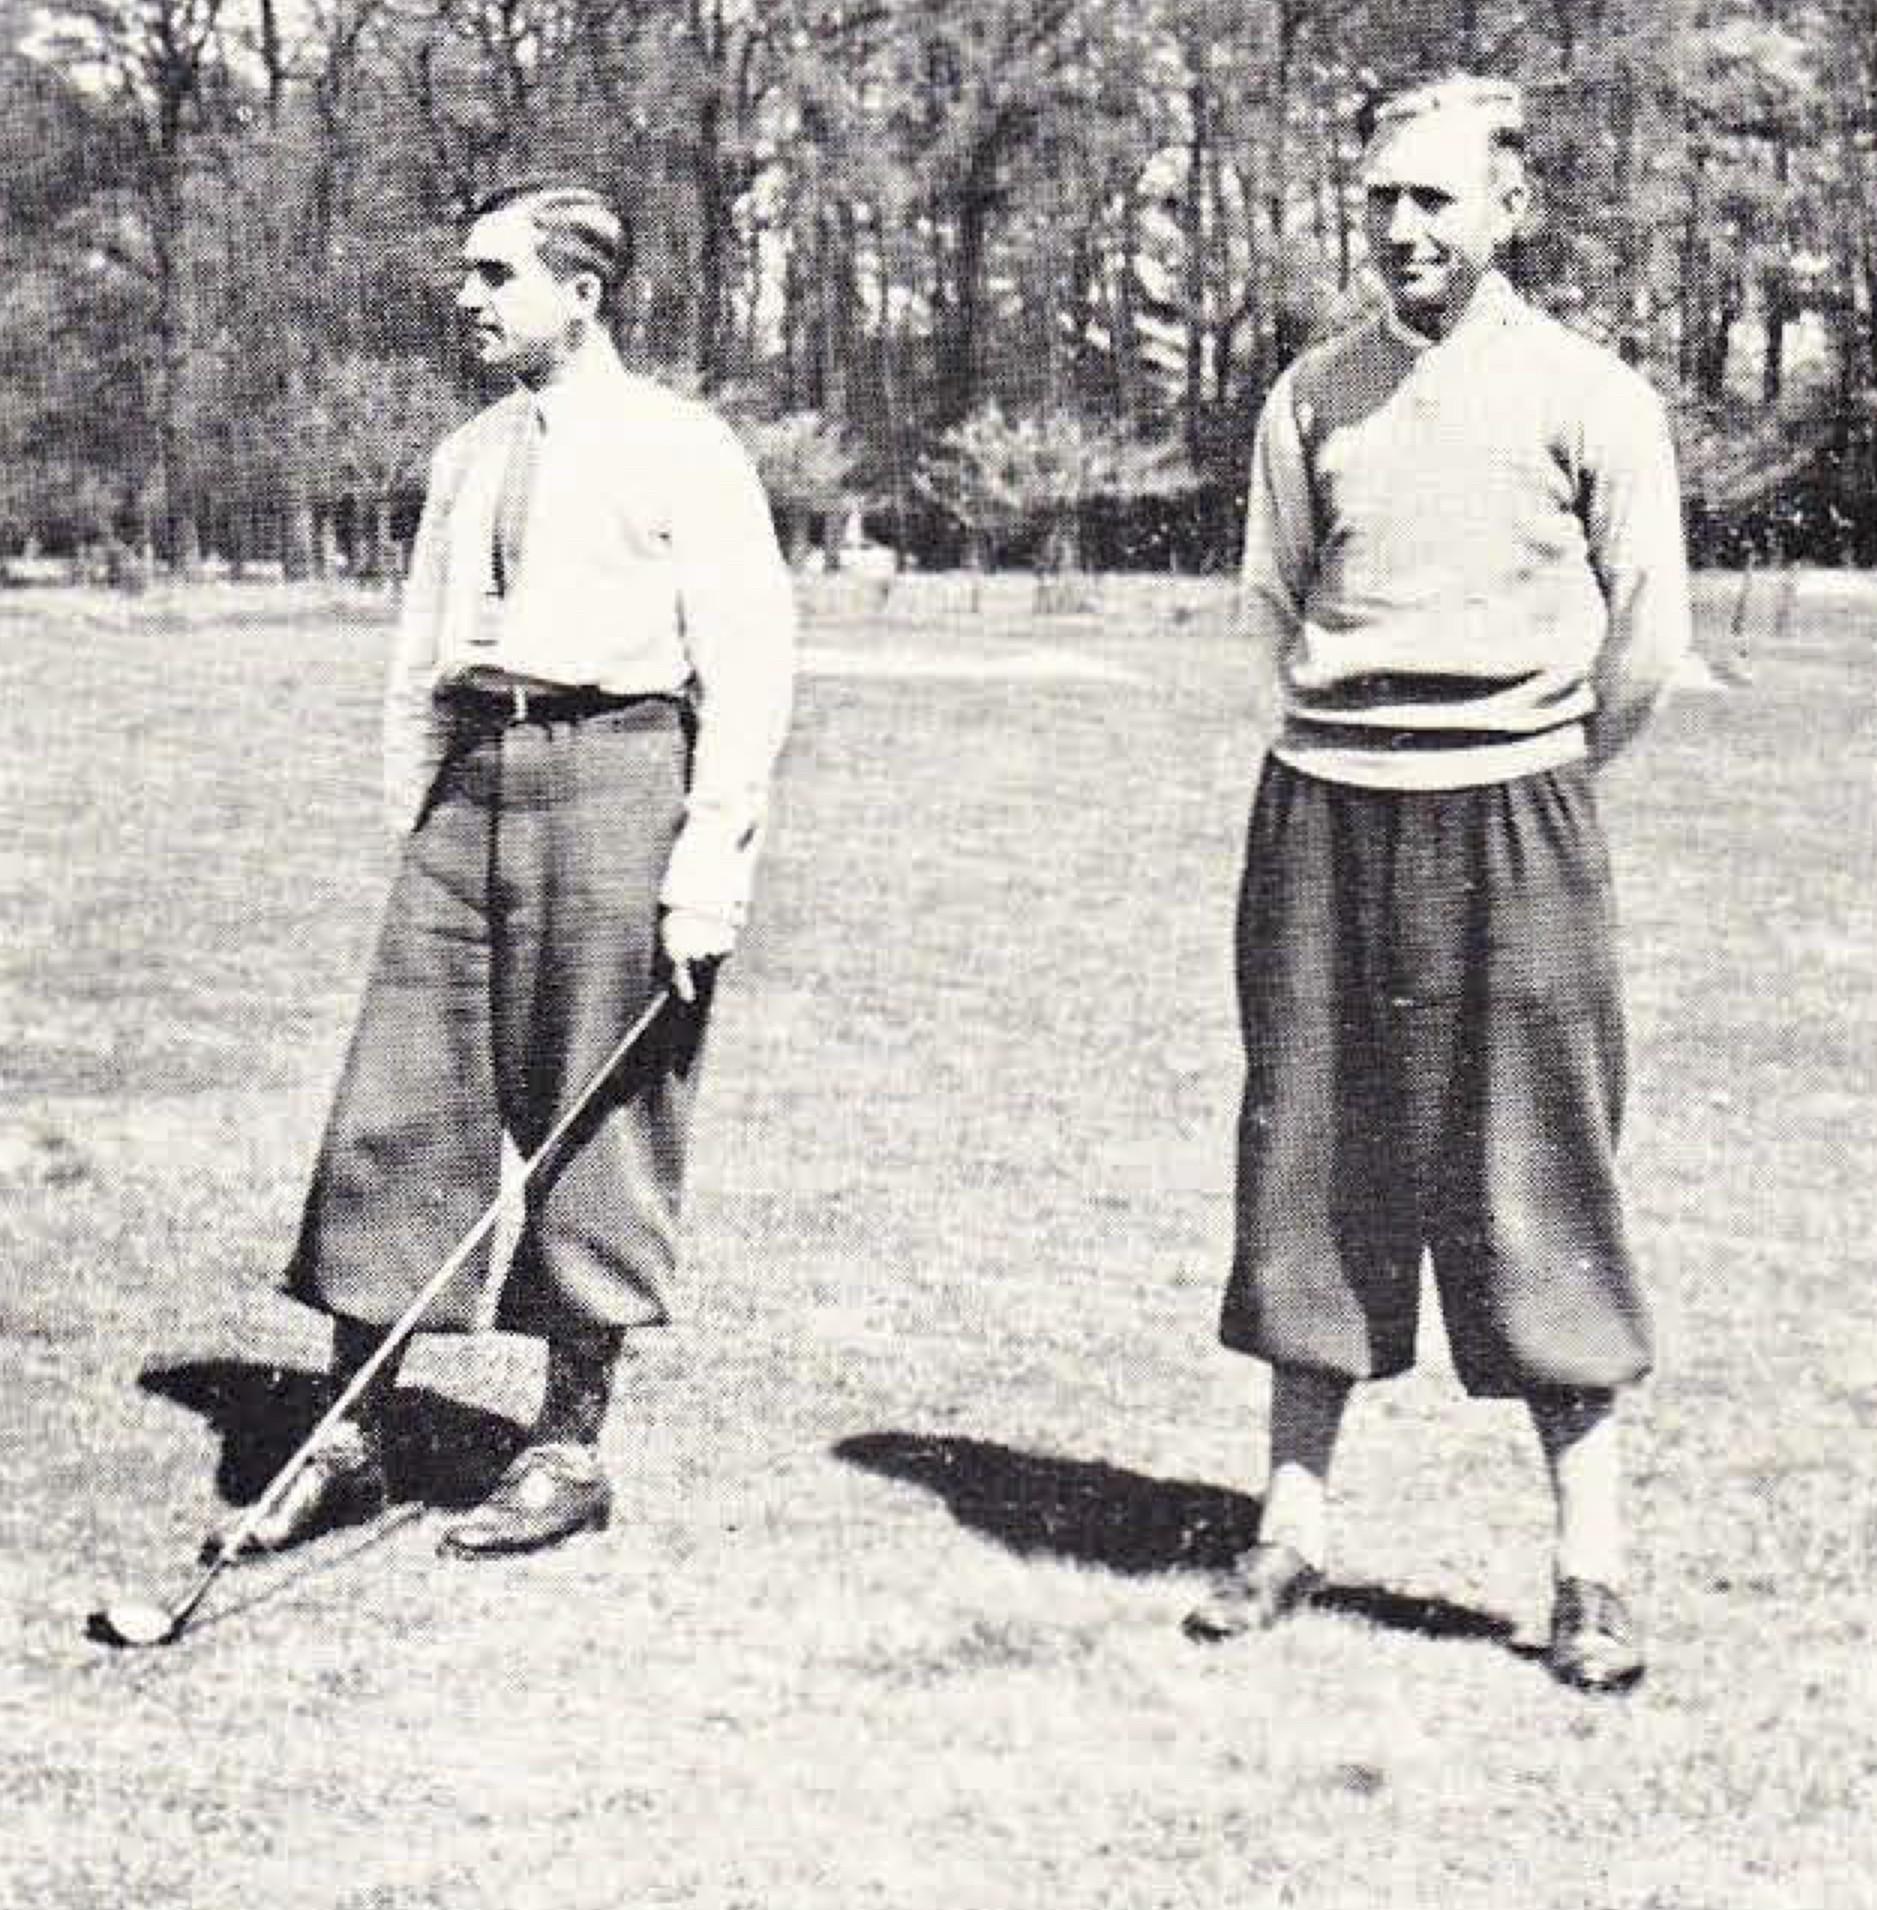 J.C. Coops; J. Blansjaar - 1938